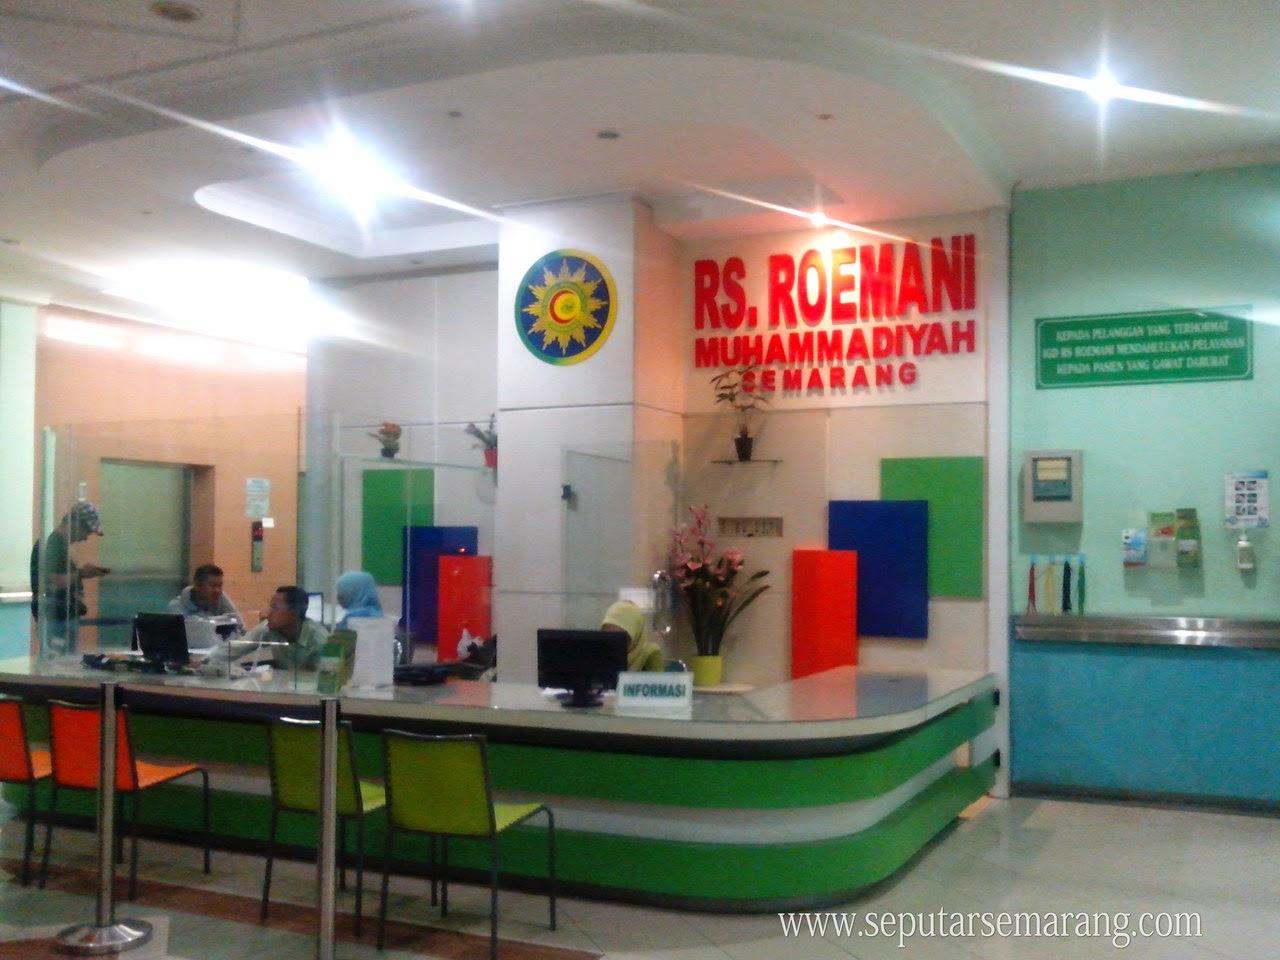 Rumah Sakit Rs Roemani Muhammadiyah Semarang Seputar Semarang